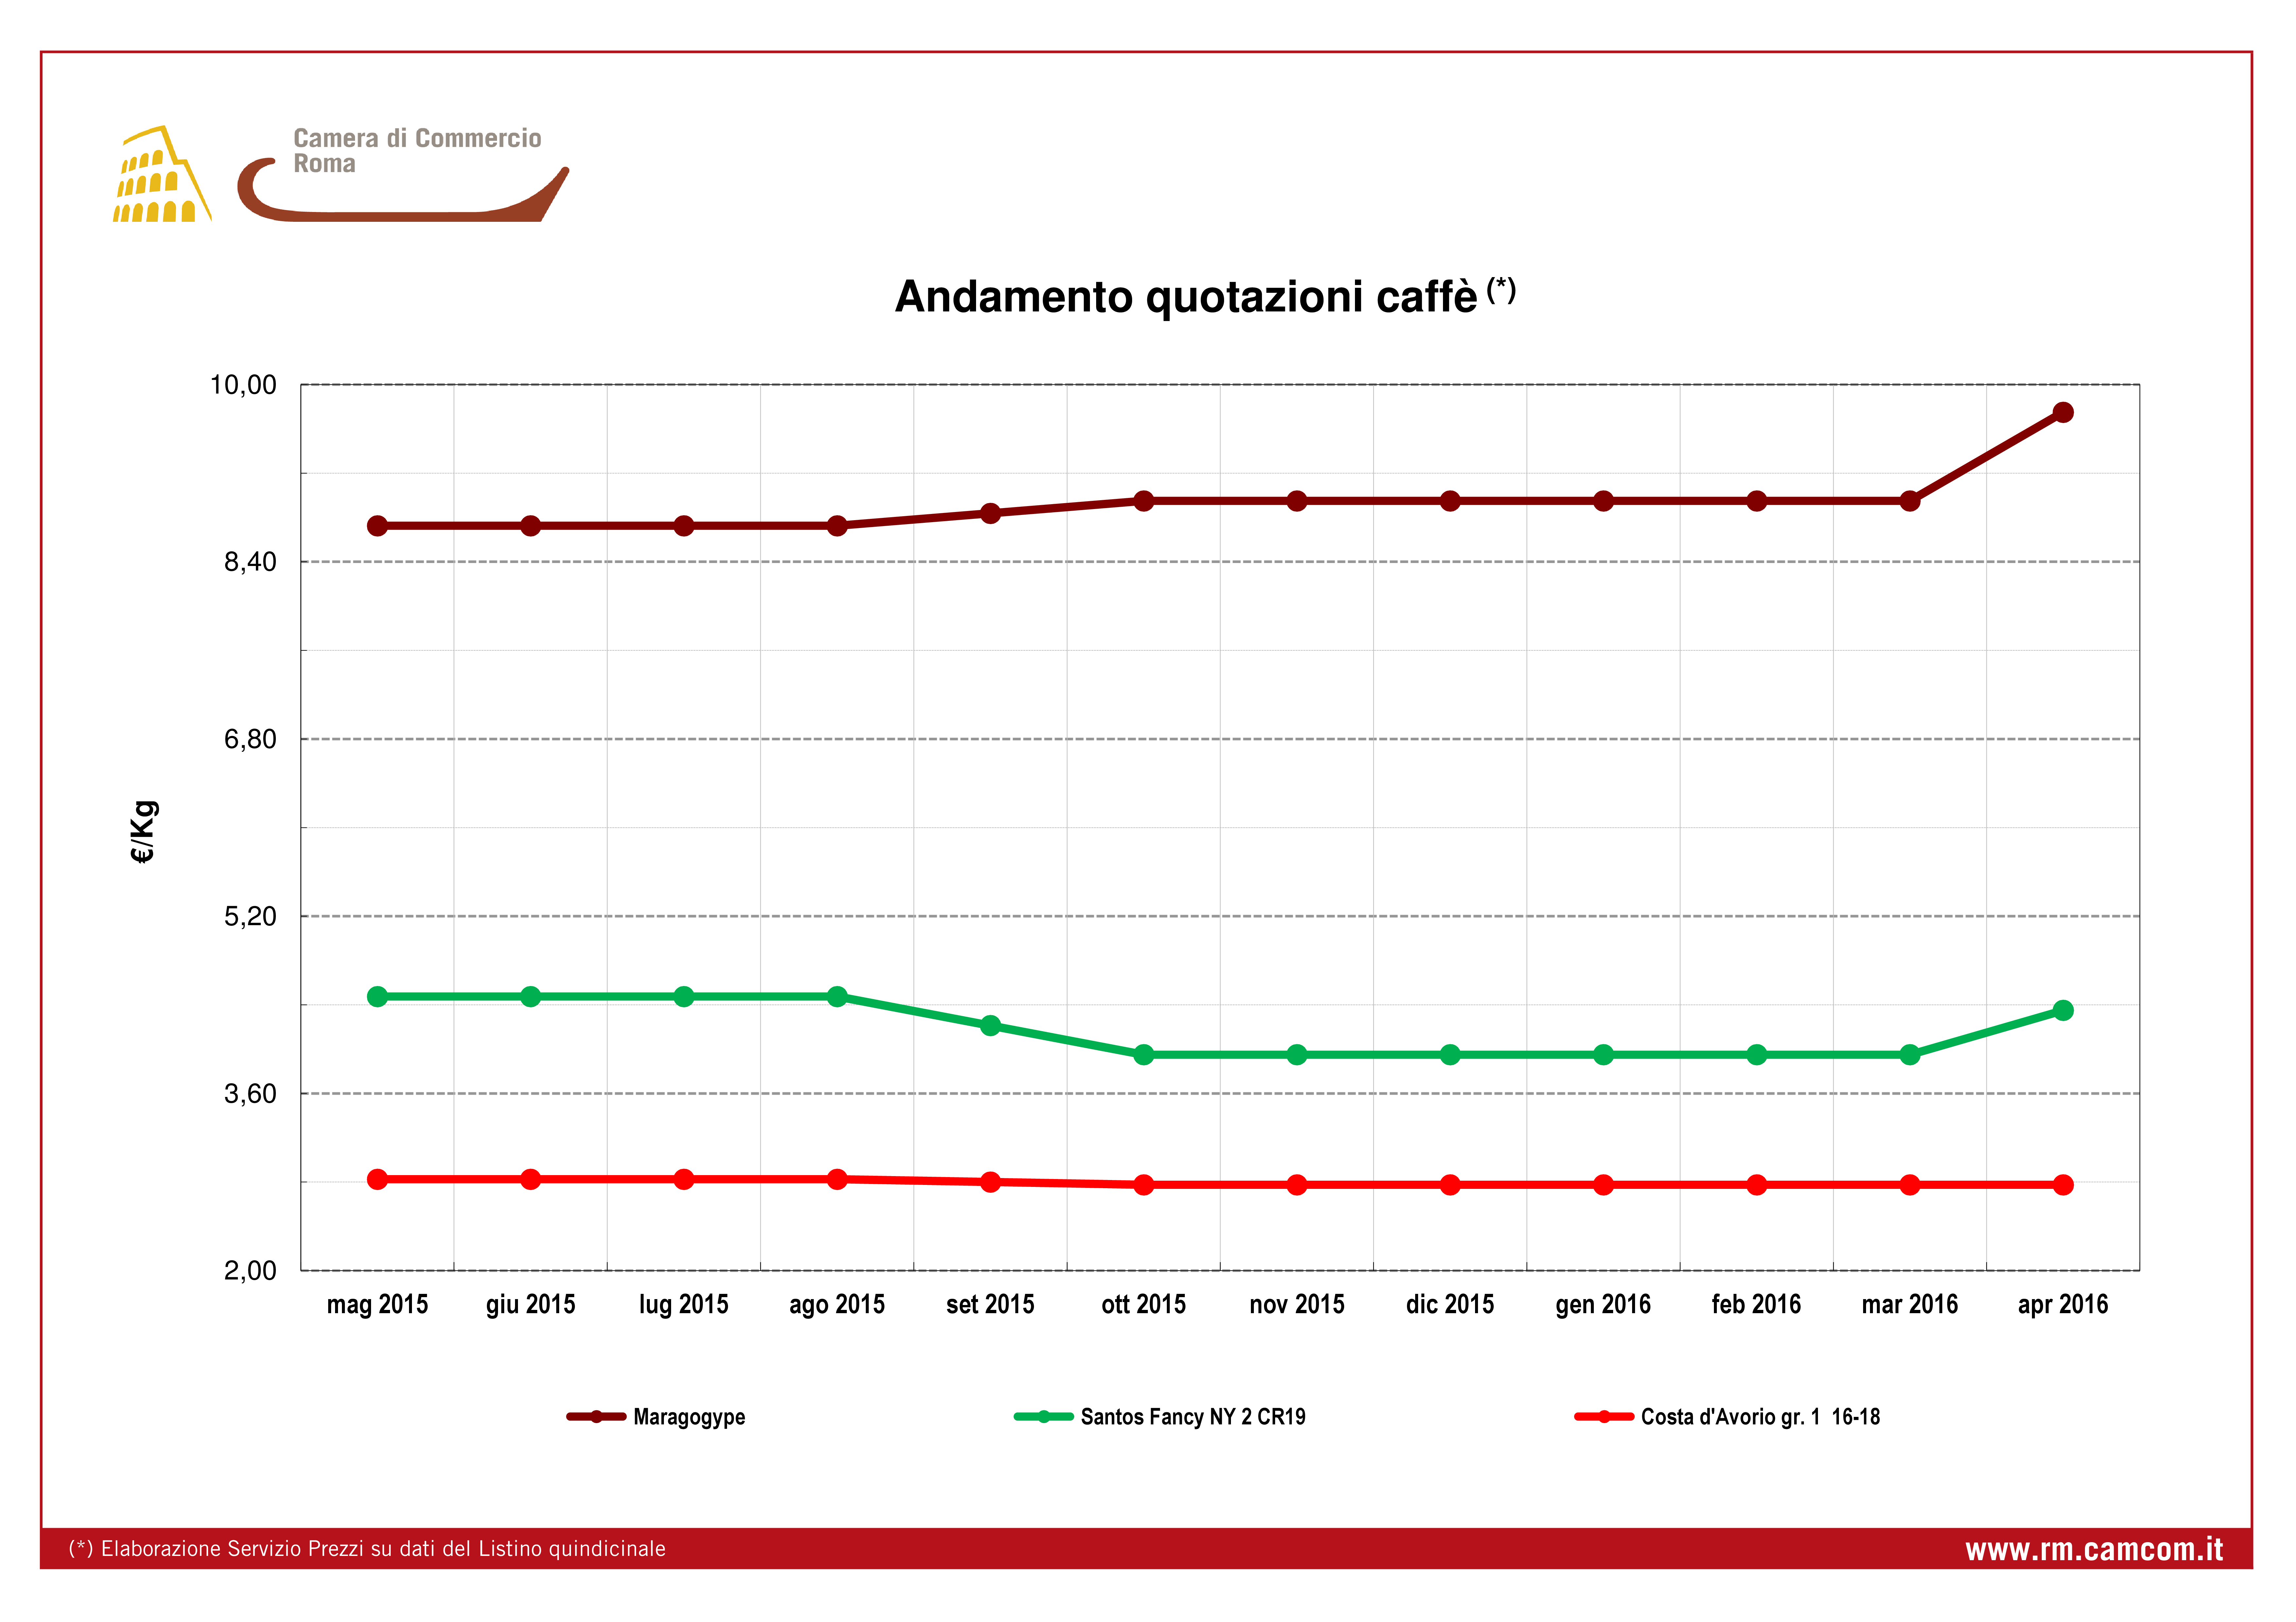 Quotazione andamento mensile prezzi caffè da dicembre 2012 a novembre 2013